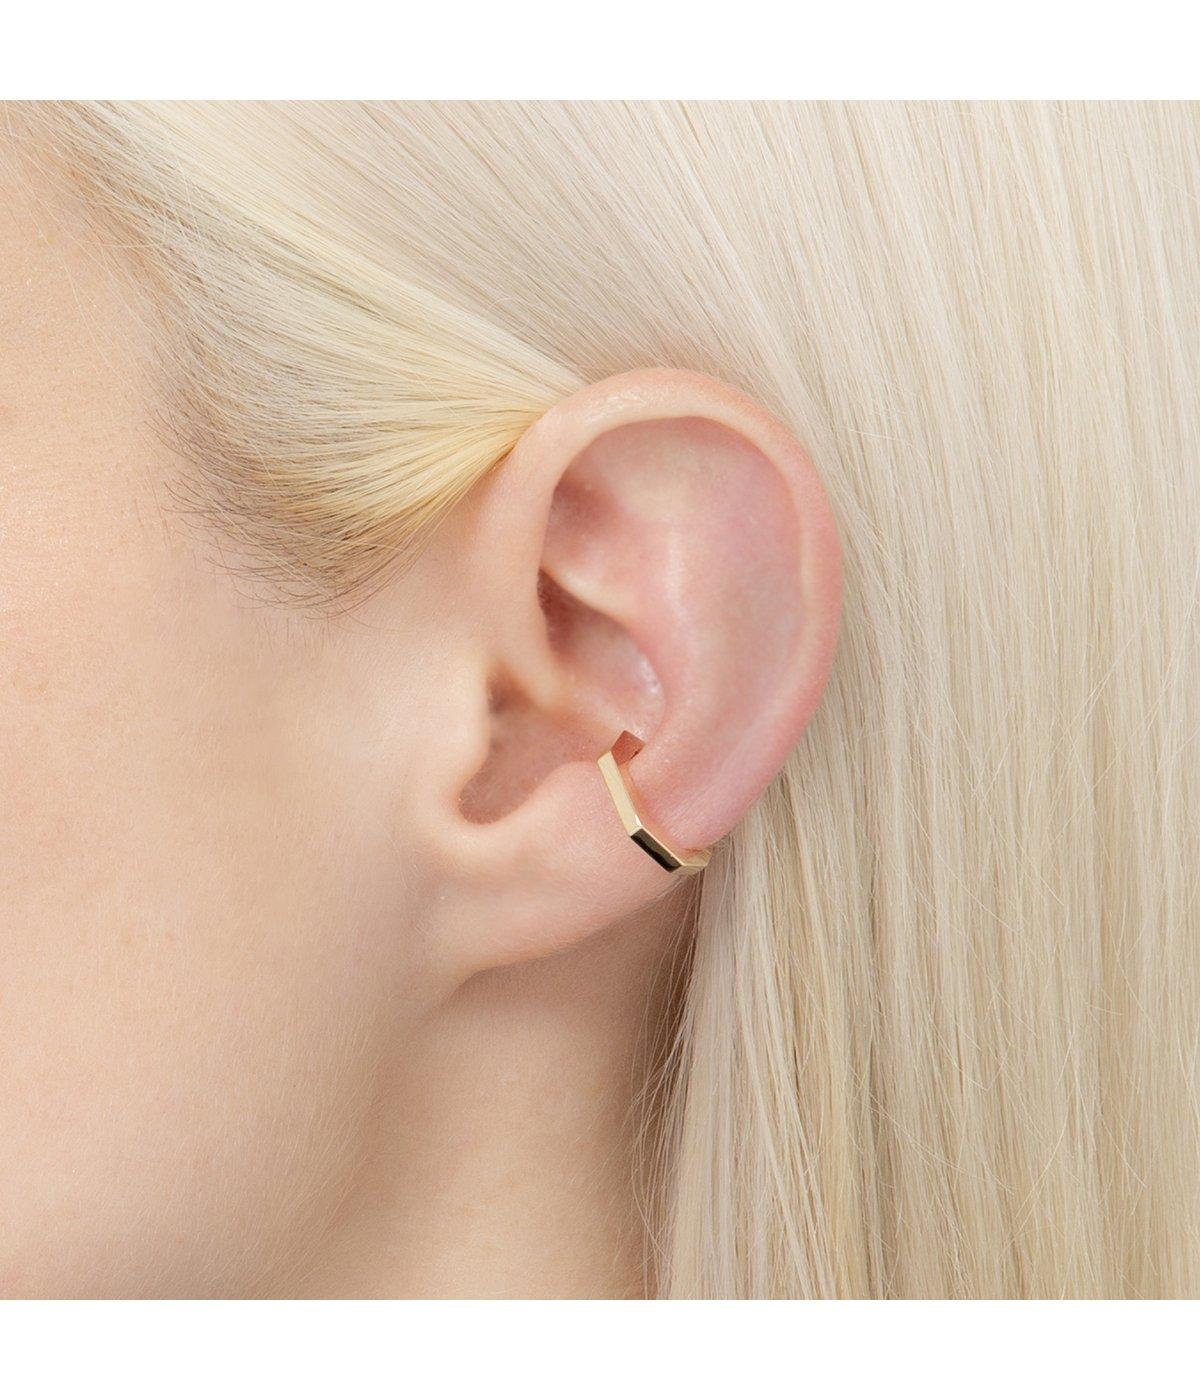 【レディース】Octagon Ear Cuff S(イヤー カフ)